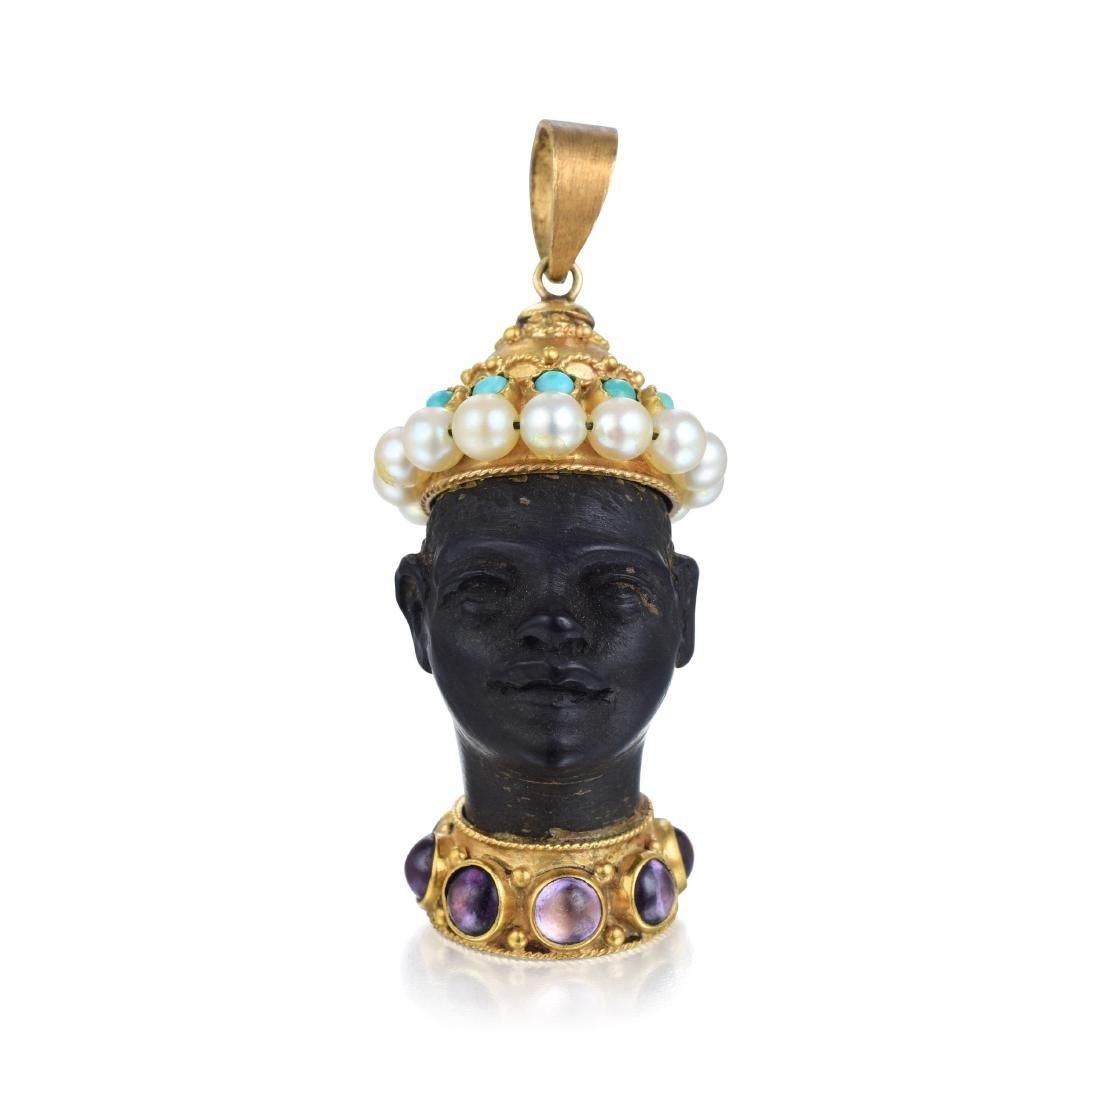 A Blackamoor Pendant